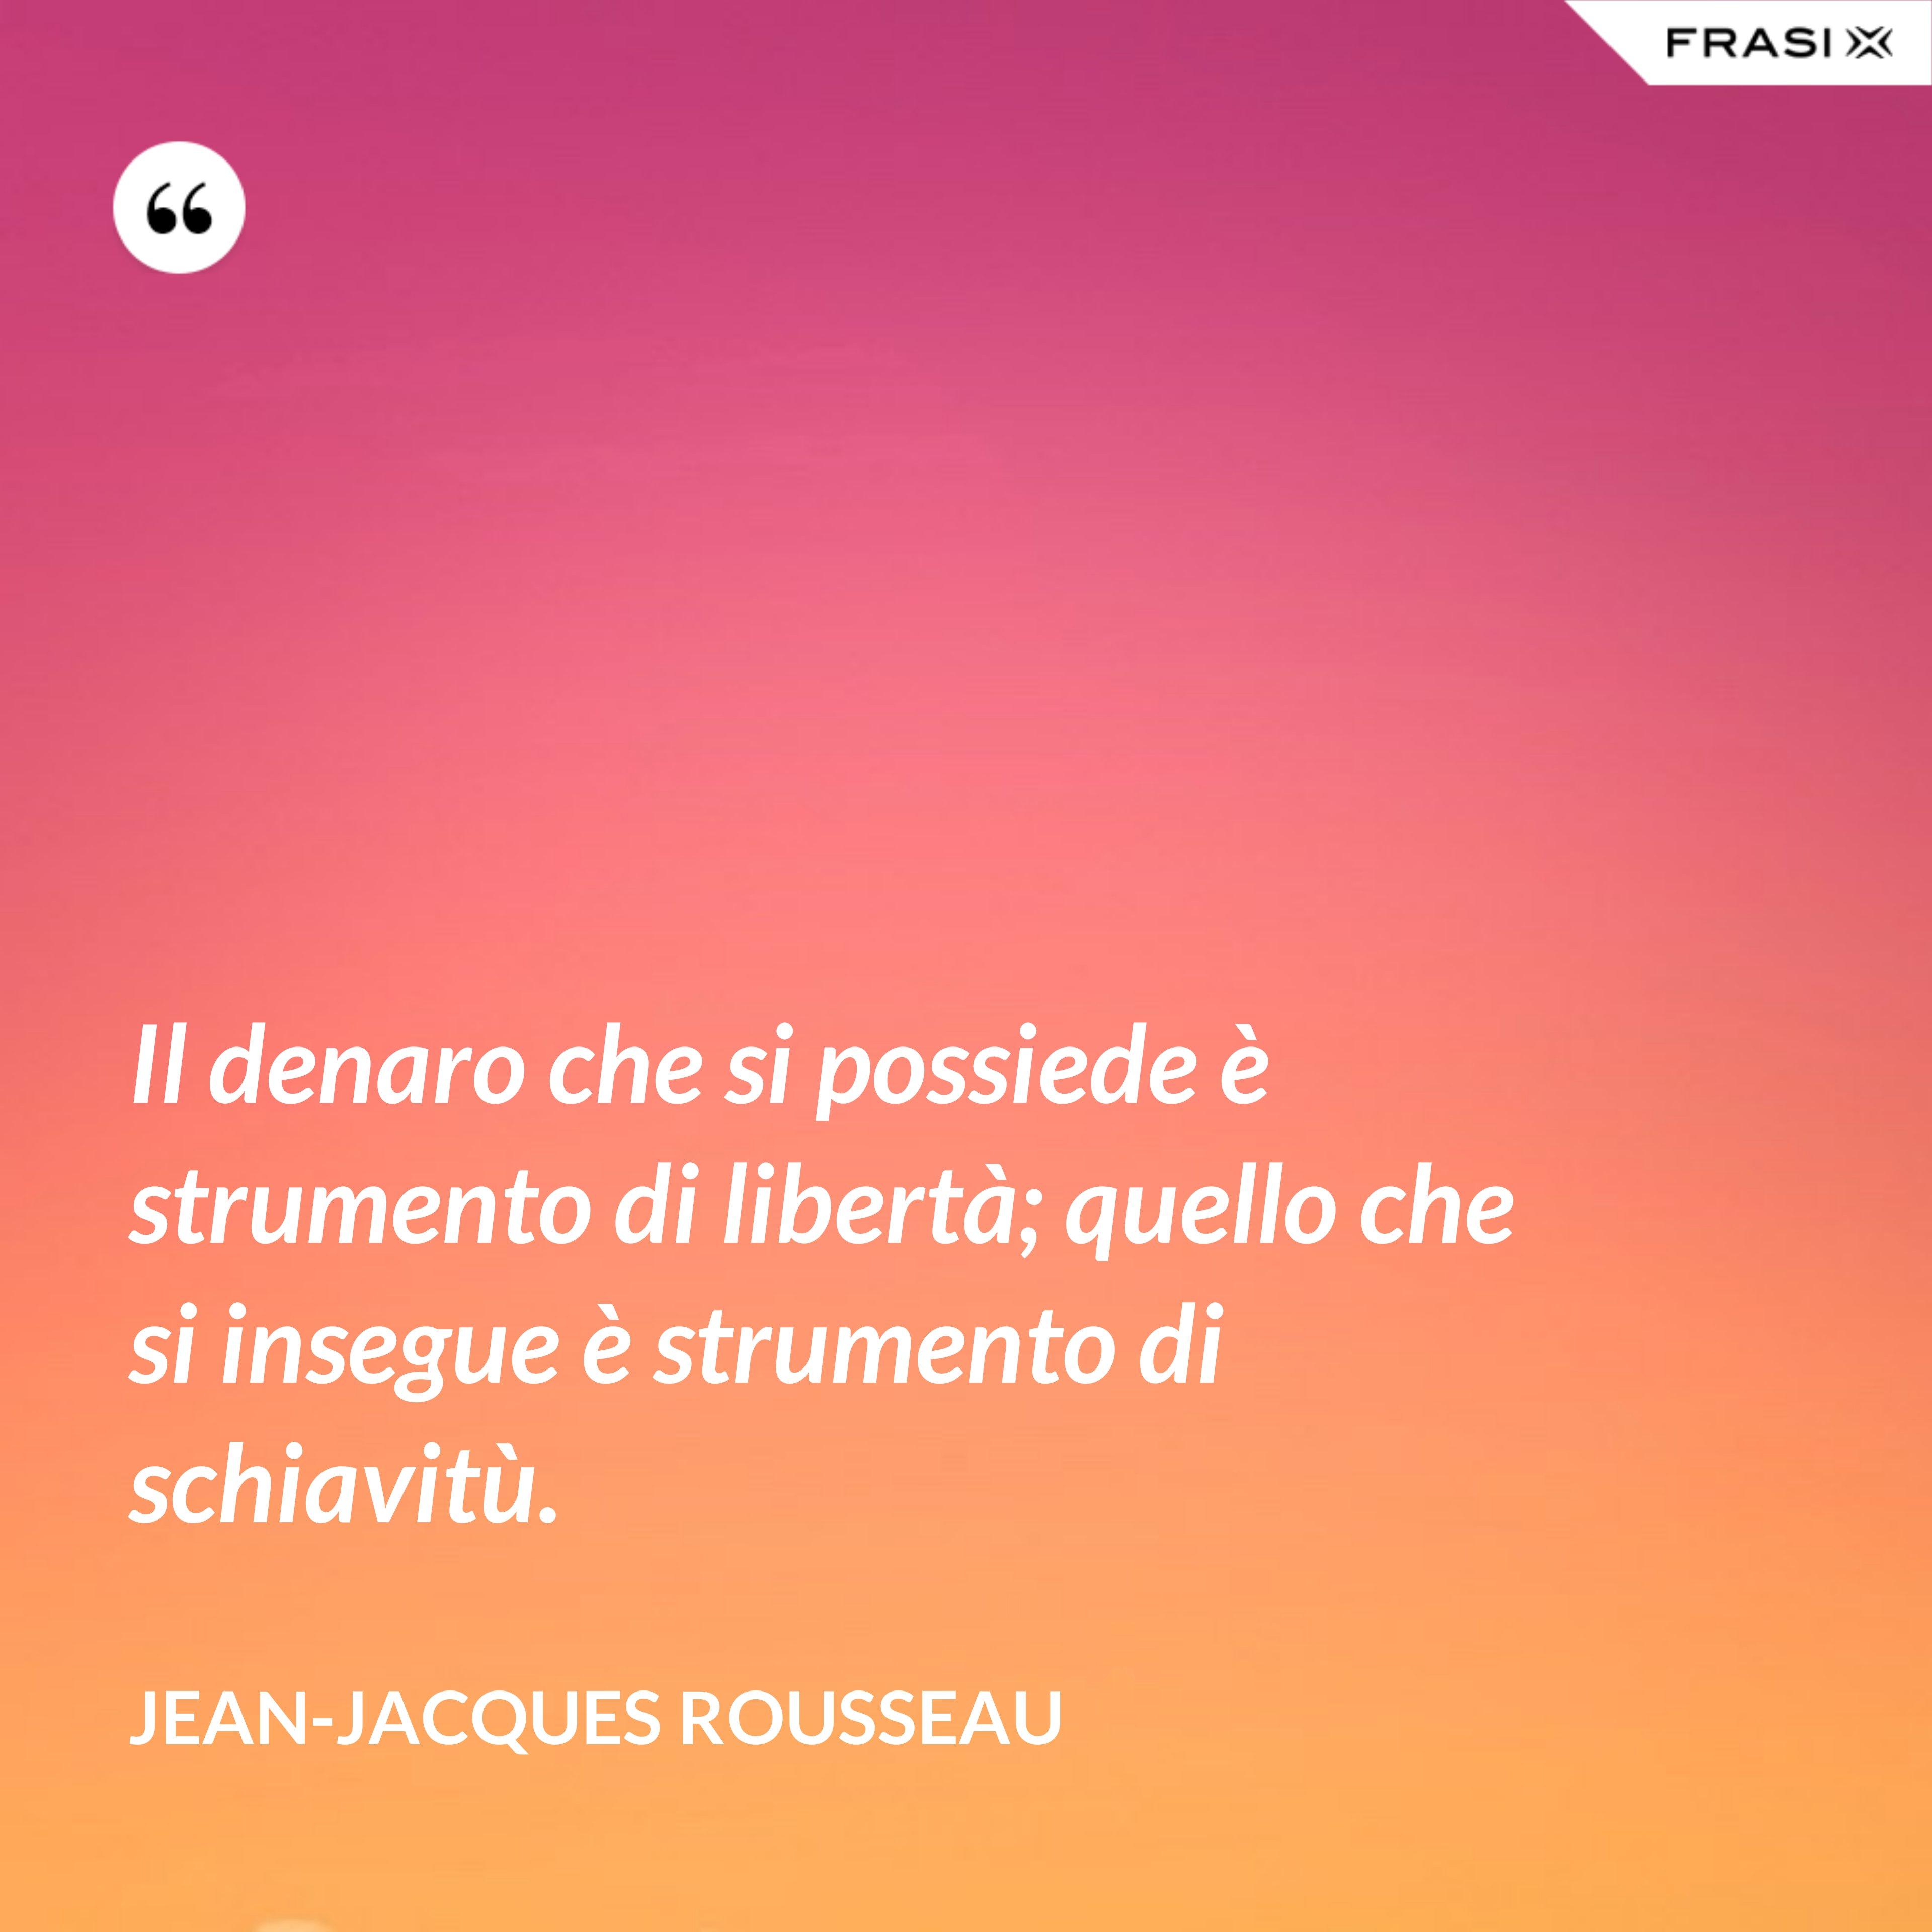 Il denaro che si possiede è strumento di libertà; quello che si insegue è strumento di schiavitù. - Jean-Jacques Rousseau